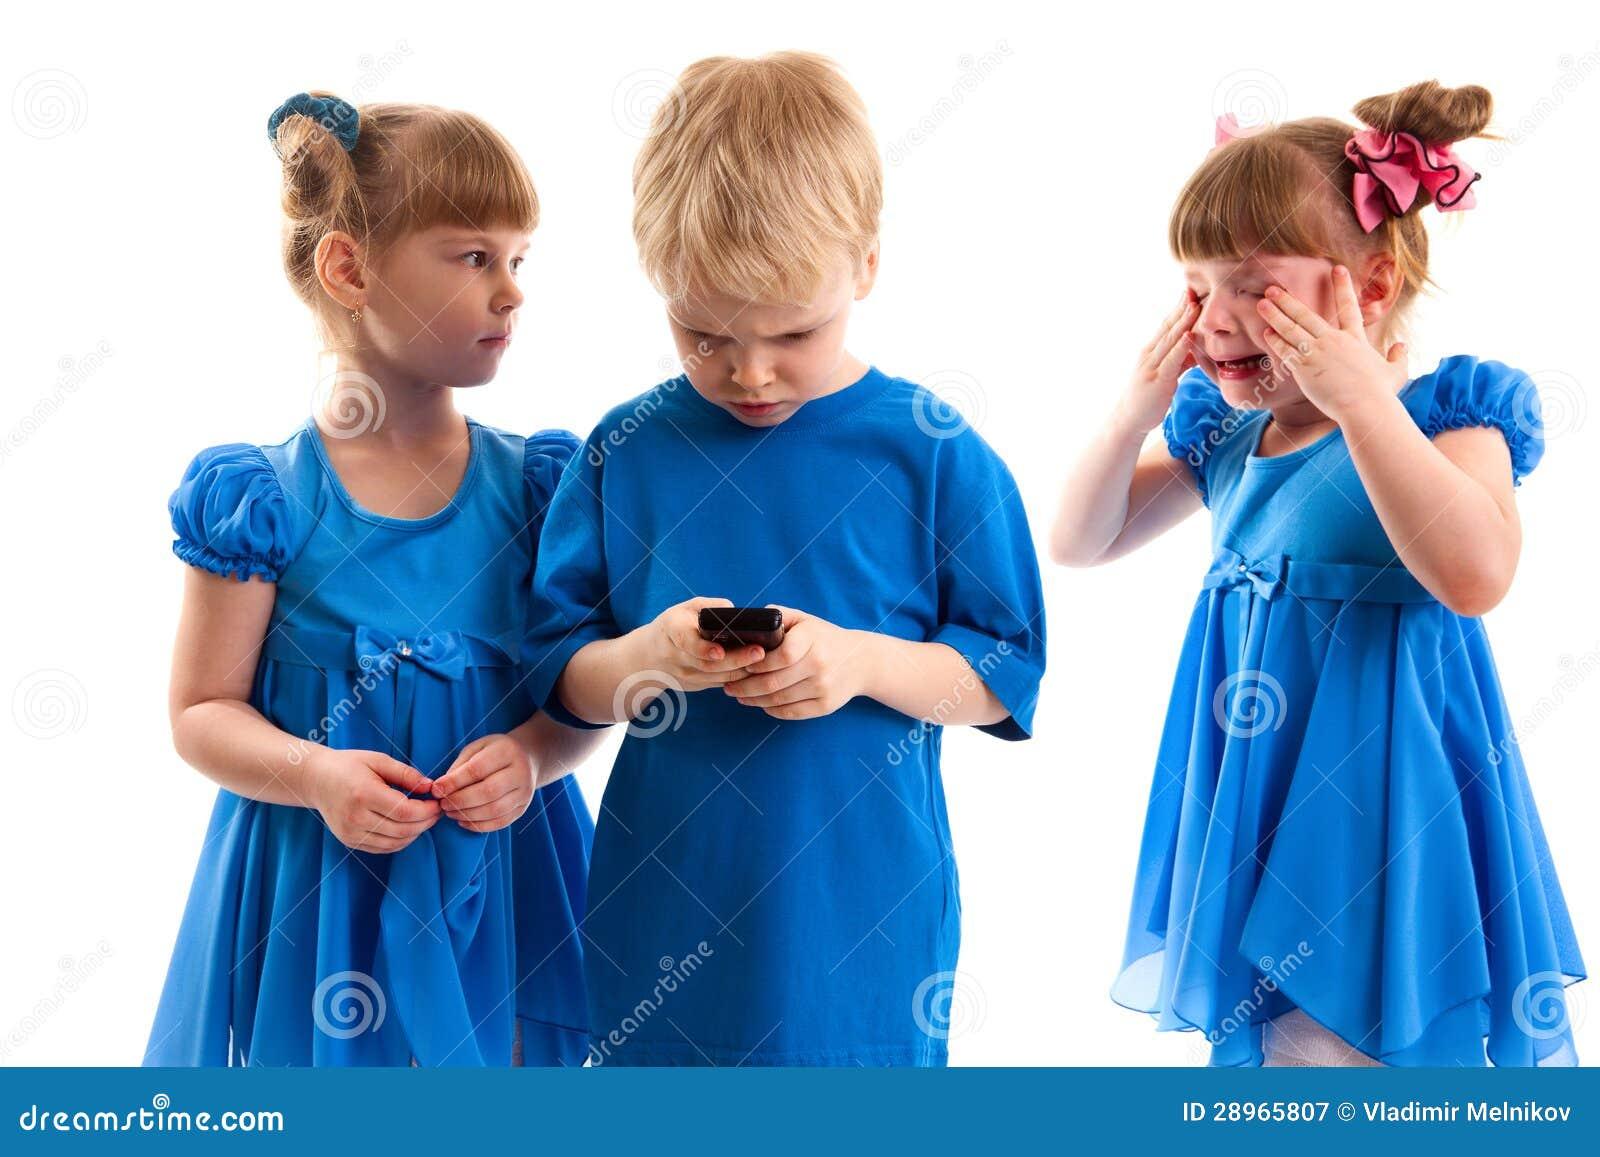 Konflikt nad telefonem